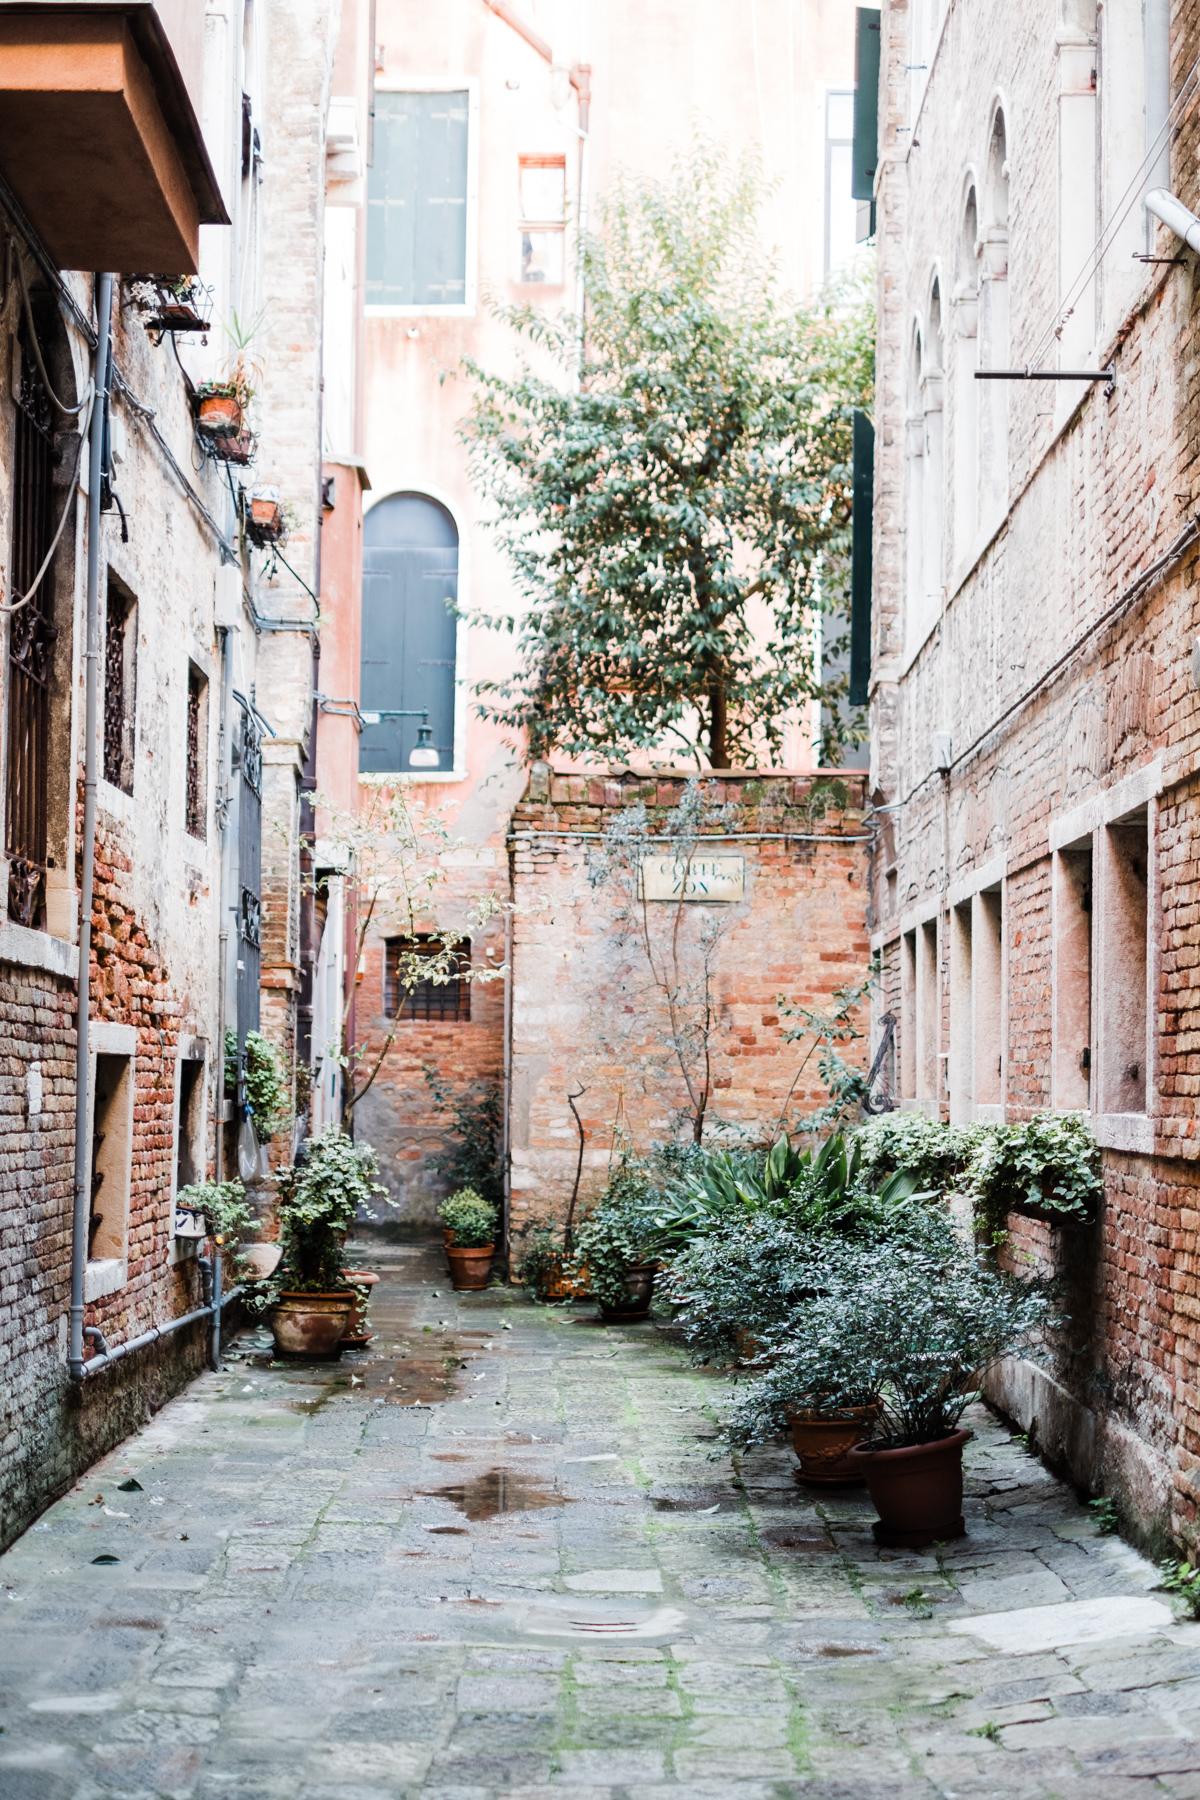 Venice_deersphotography-297